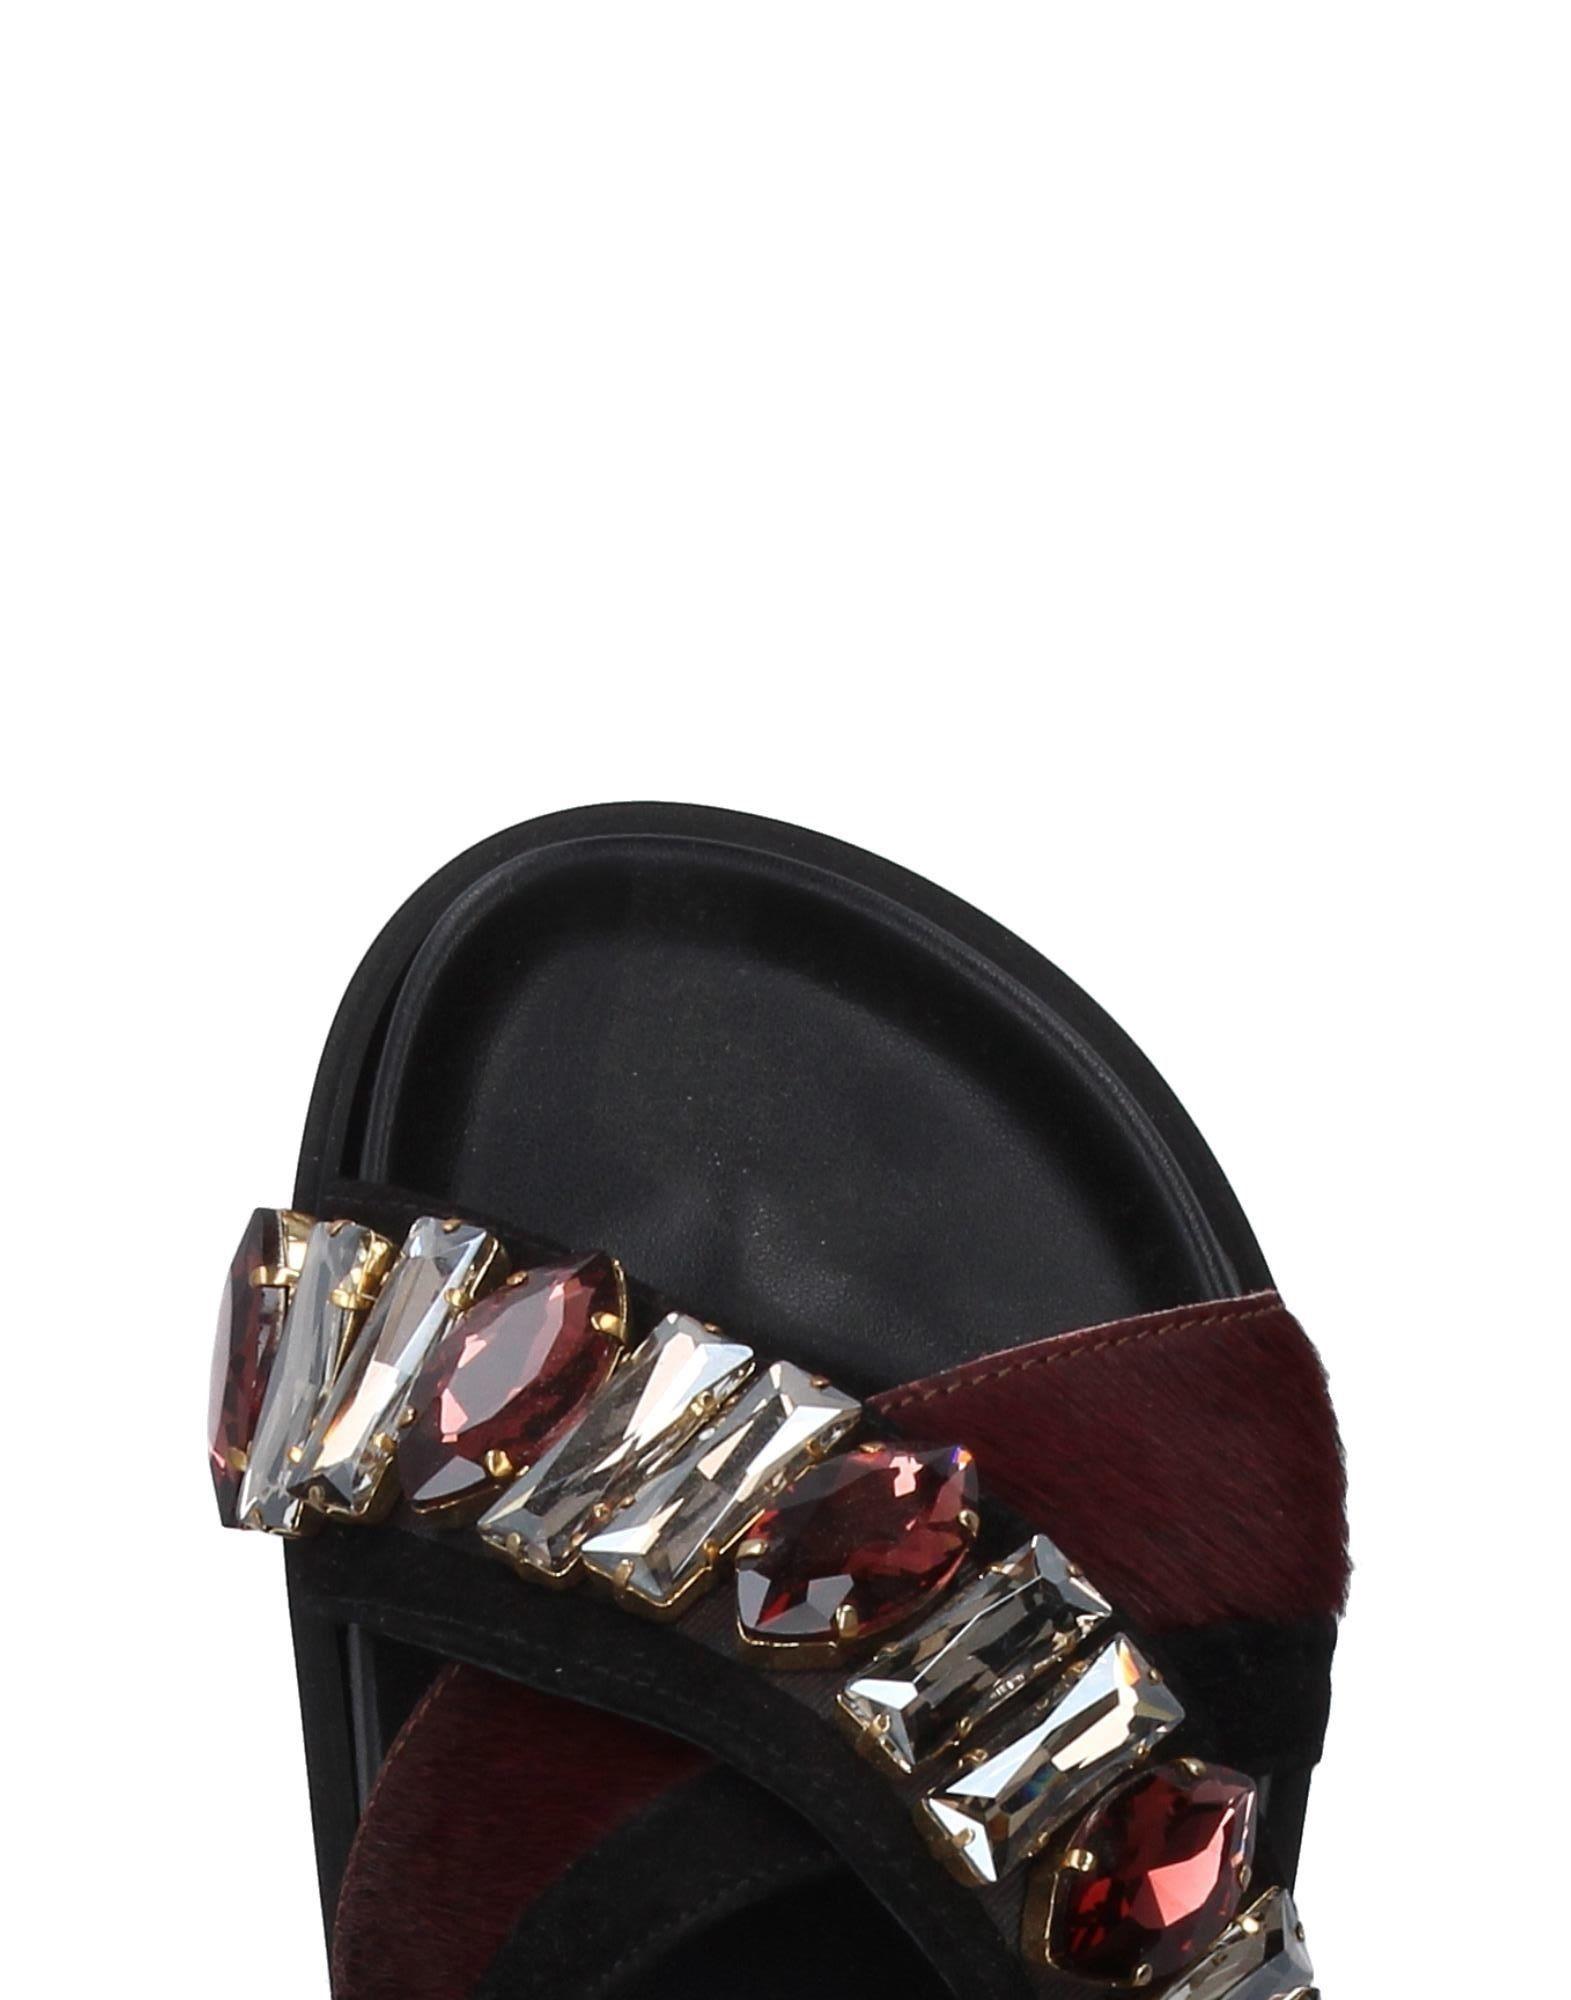 Emanuela Caruso Capri Sandalen Damen Schuhe  11239278IWGut aussehende strapazierfähige Schuhe Damen a6c72a